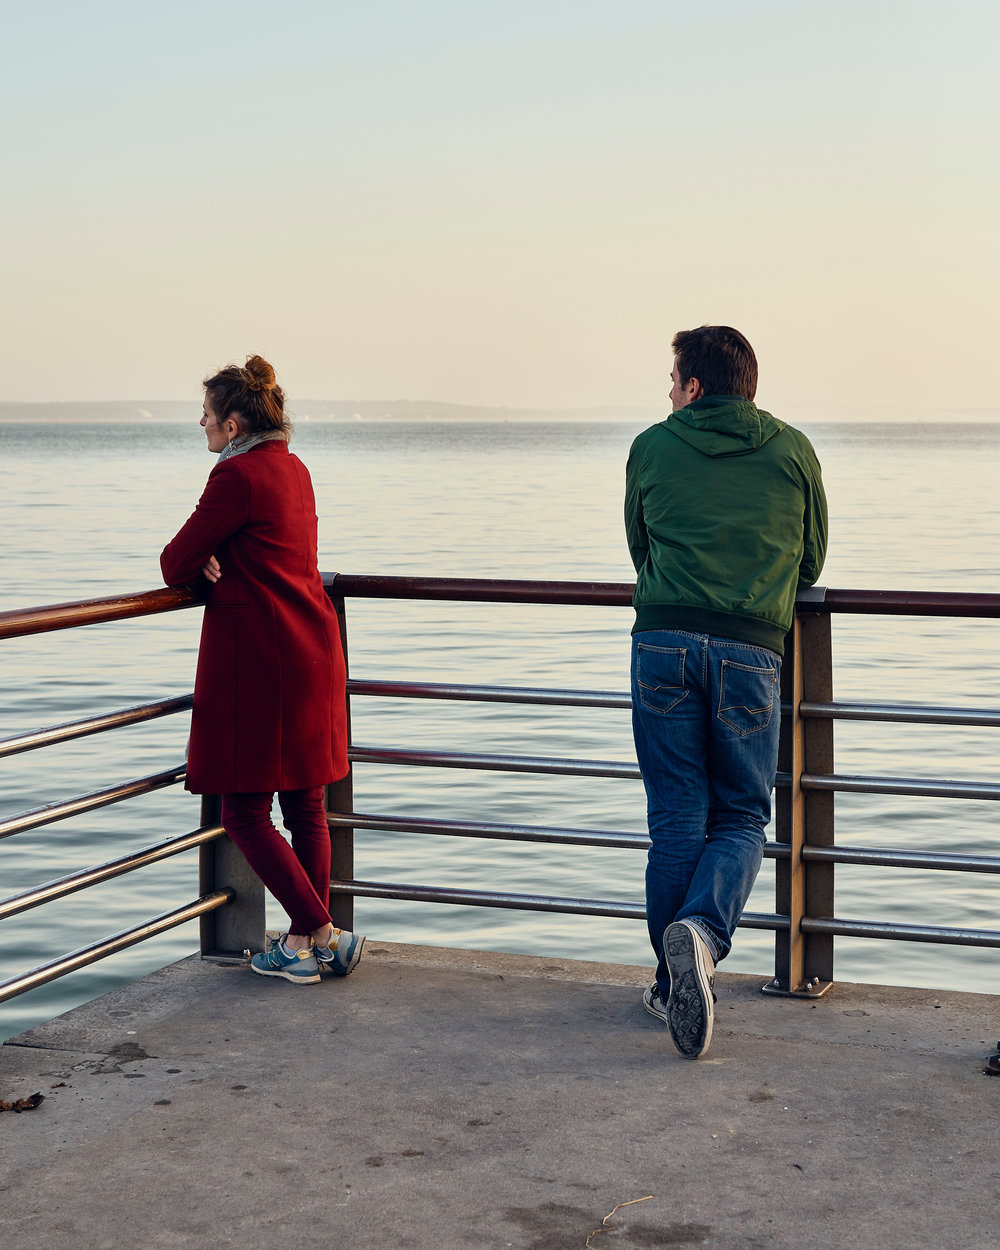 « Couple, dans un paysage graphique et ouaté. Presqu'ile du Cap-Ferret » ©Thierry Lothon 2019. Sony ARIII, Zeiss bâtis 40F2. Traitement dans Capture One Pro 12 avec le filtre Petra (Dark) du pack « LATITUDE - SUNBOUND »